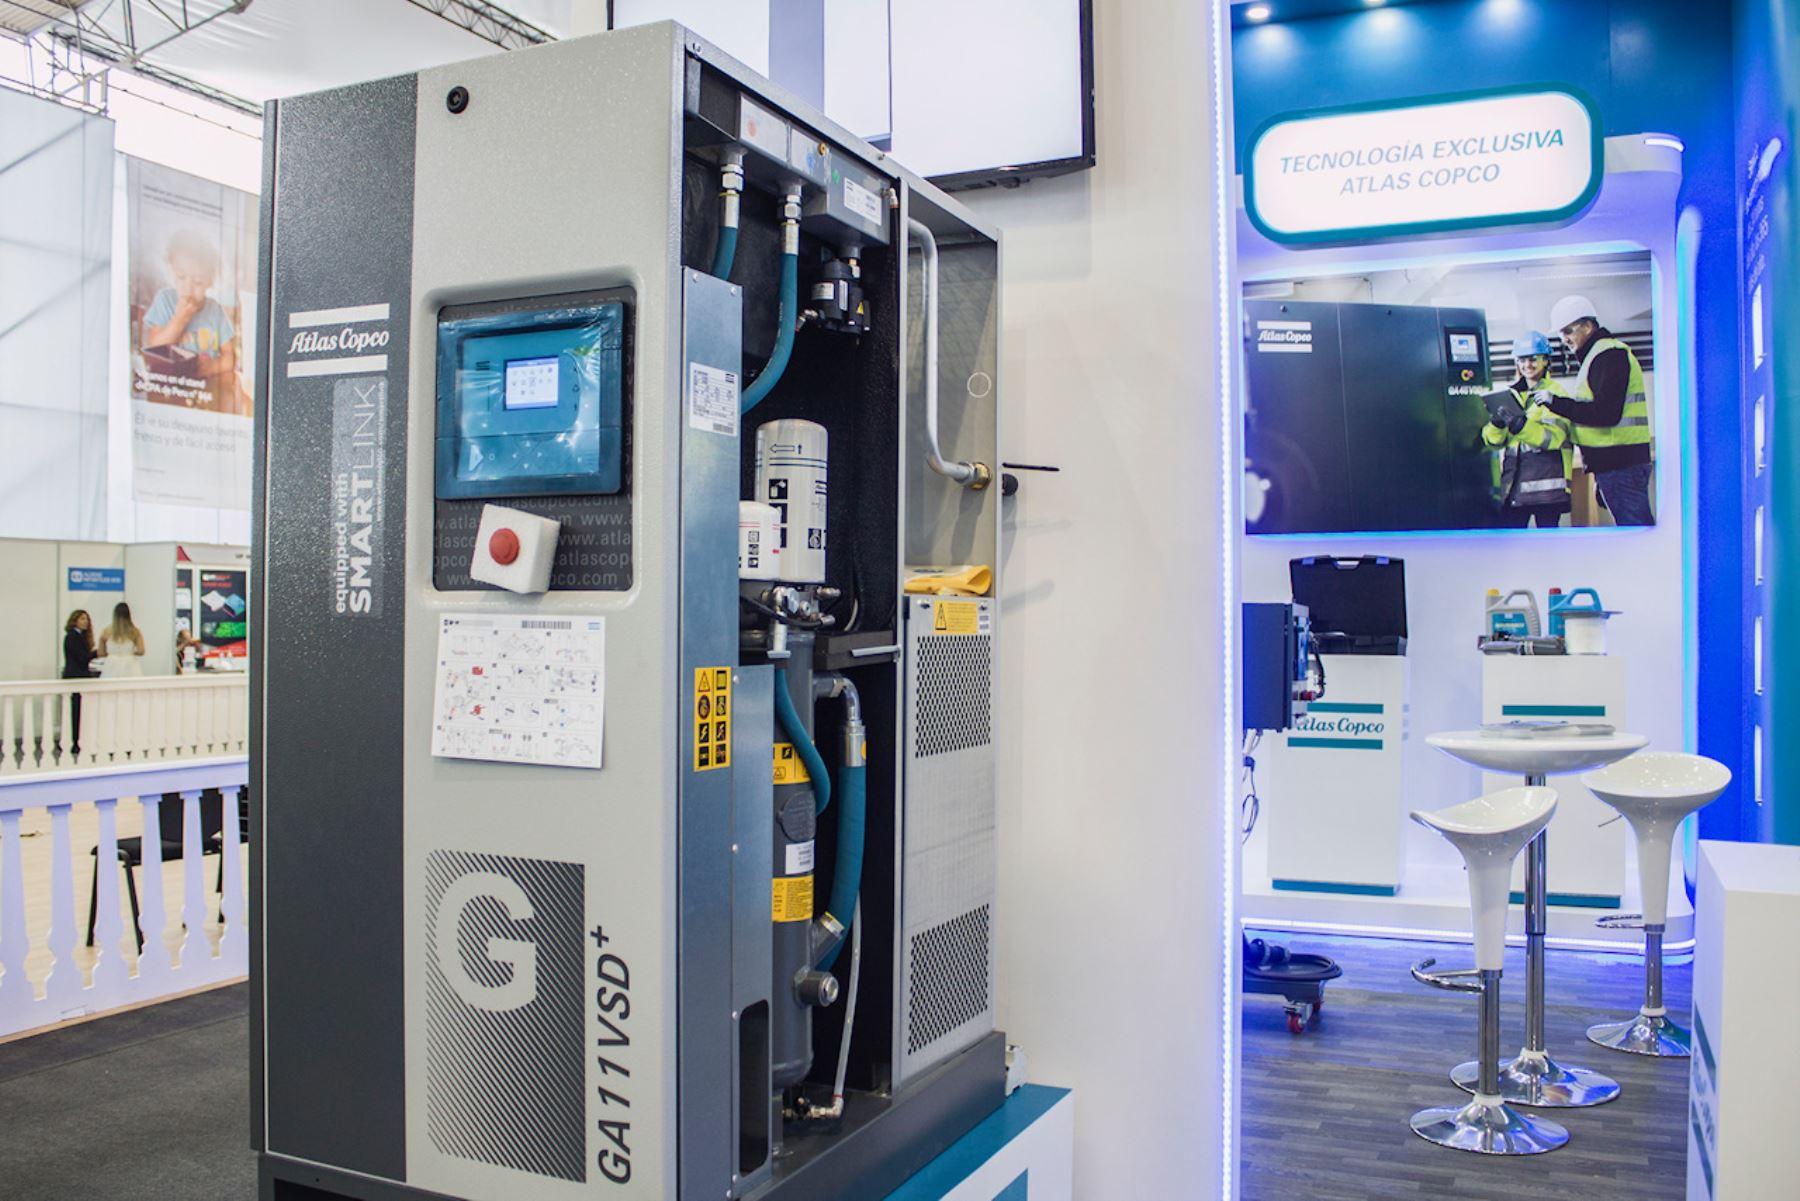 La industria del plástico busca innovación en el sector para contribuir al uso responsable de la energía.